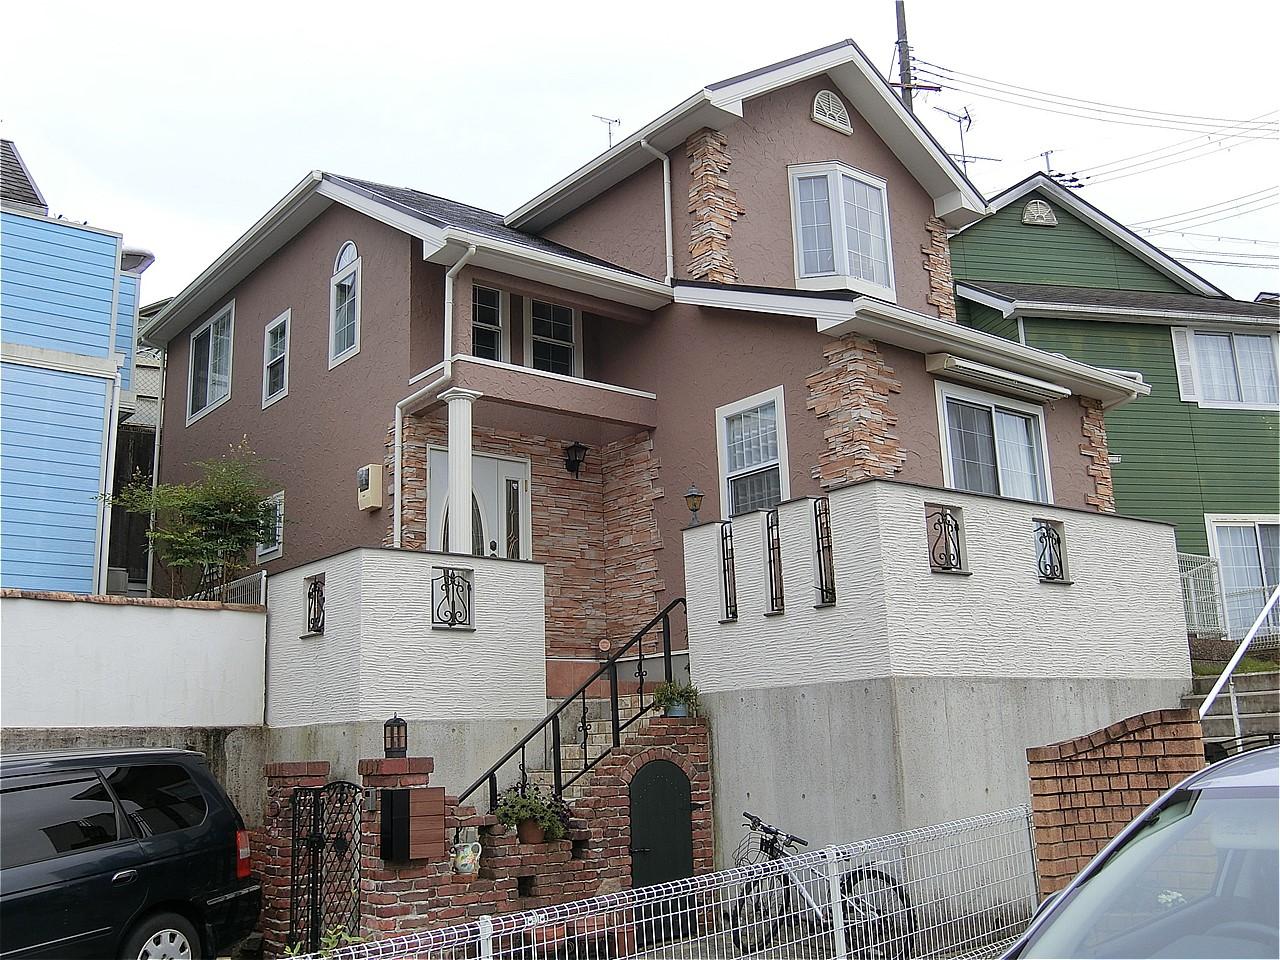 川西市 K様邸のお引き渡しをさせて頂きました。